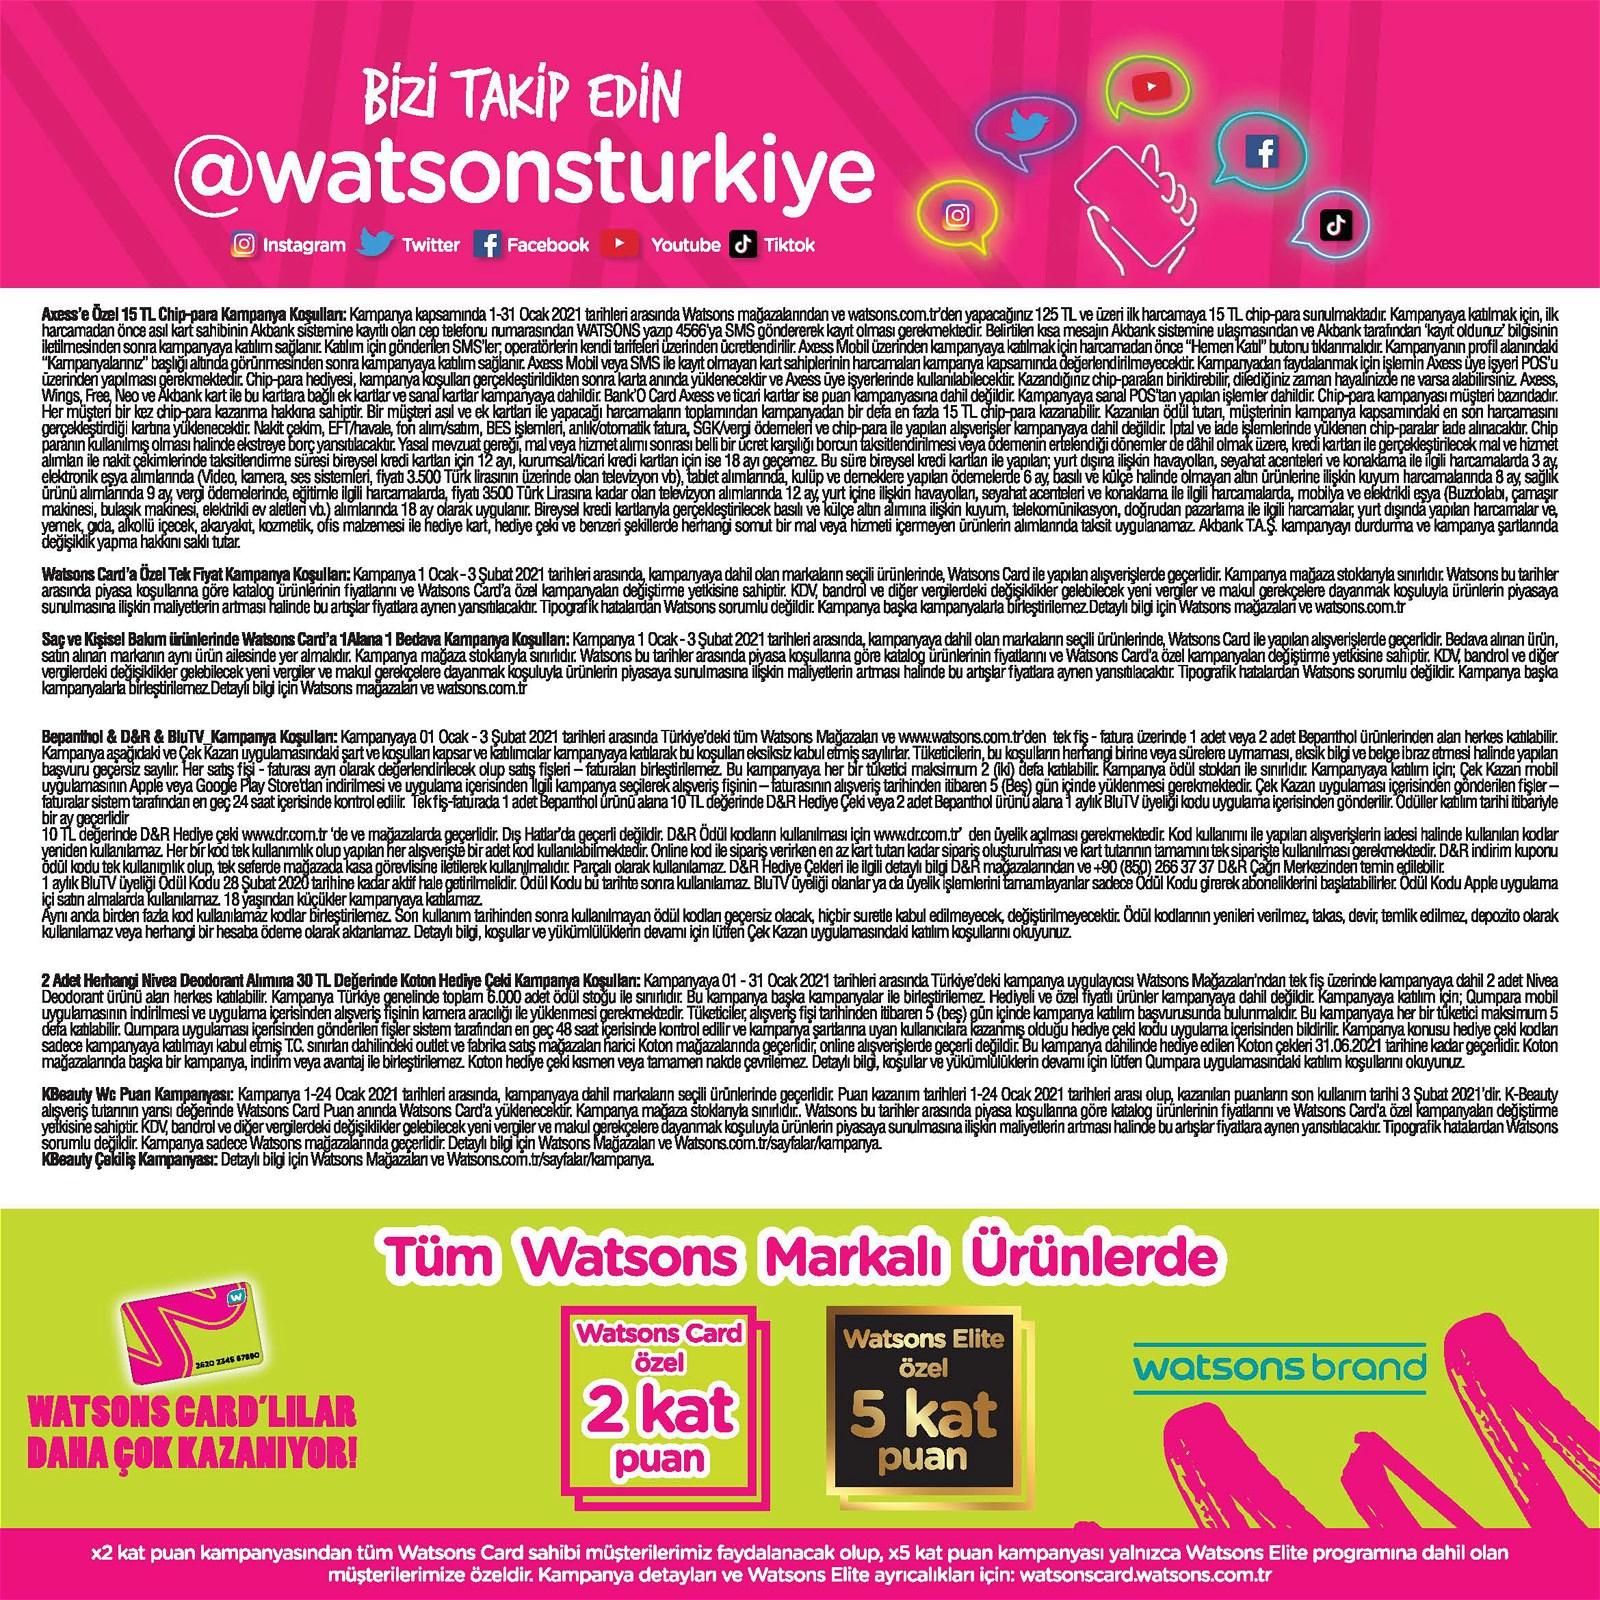 01.01.2021 Watsons broşürü 59. sayfa